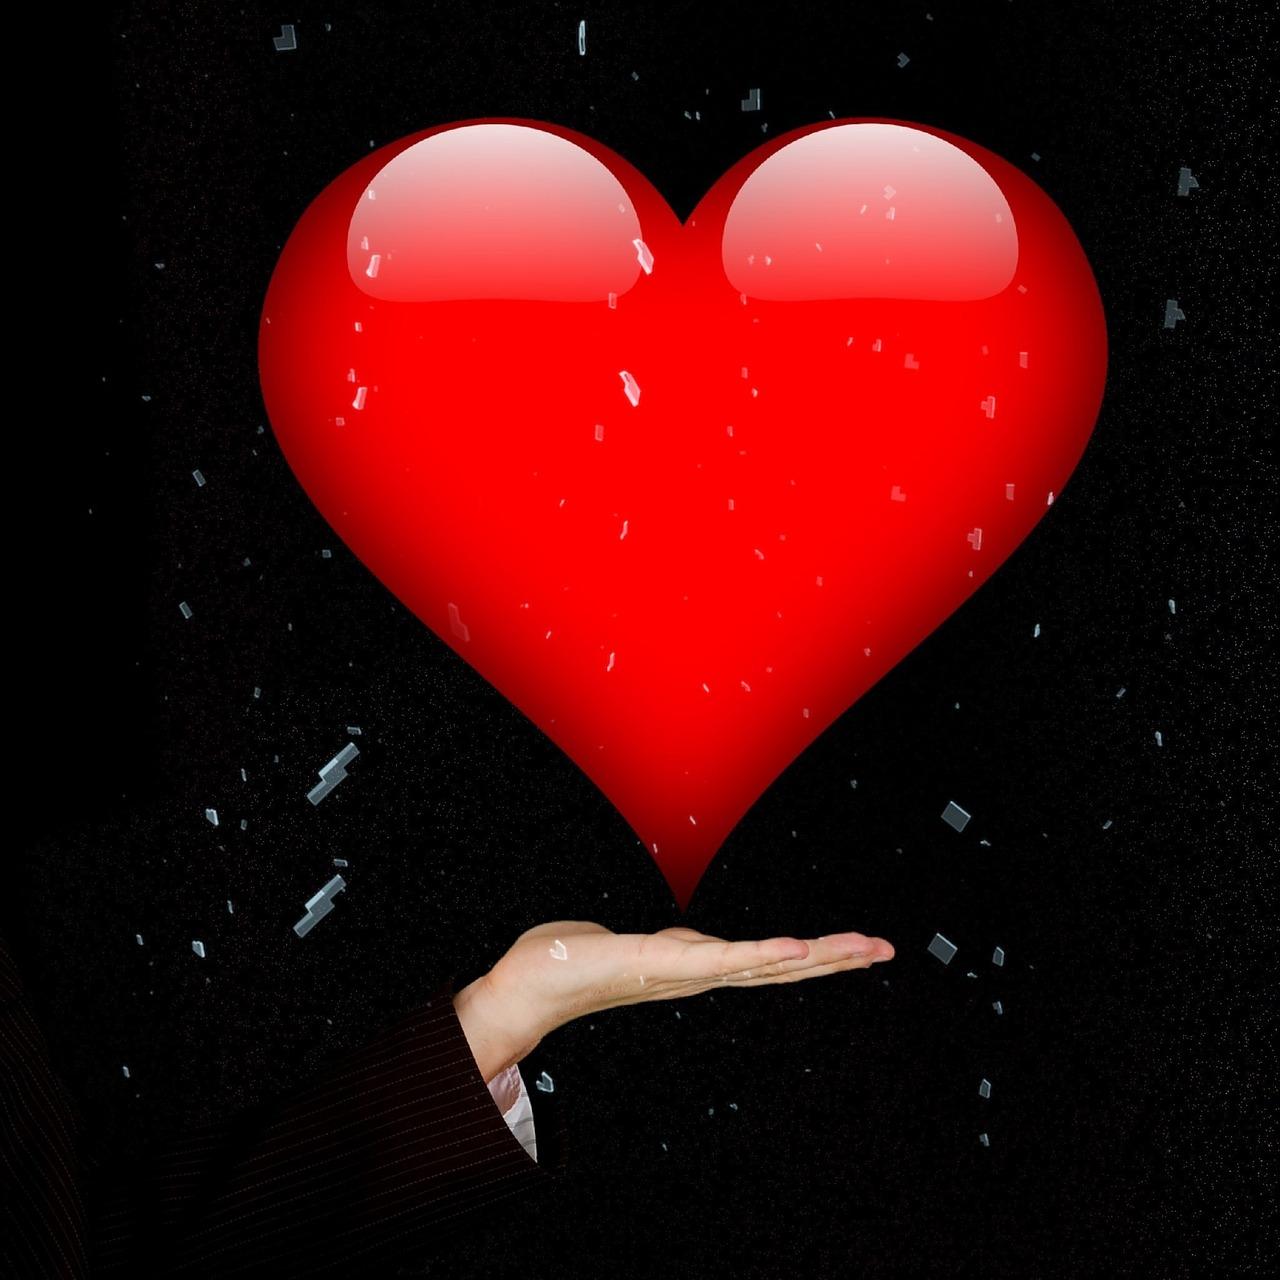 тщательно картинка огромное сердце в руках часовни